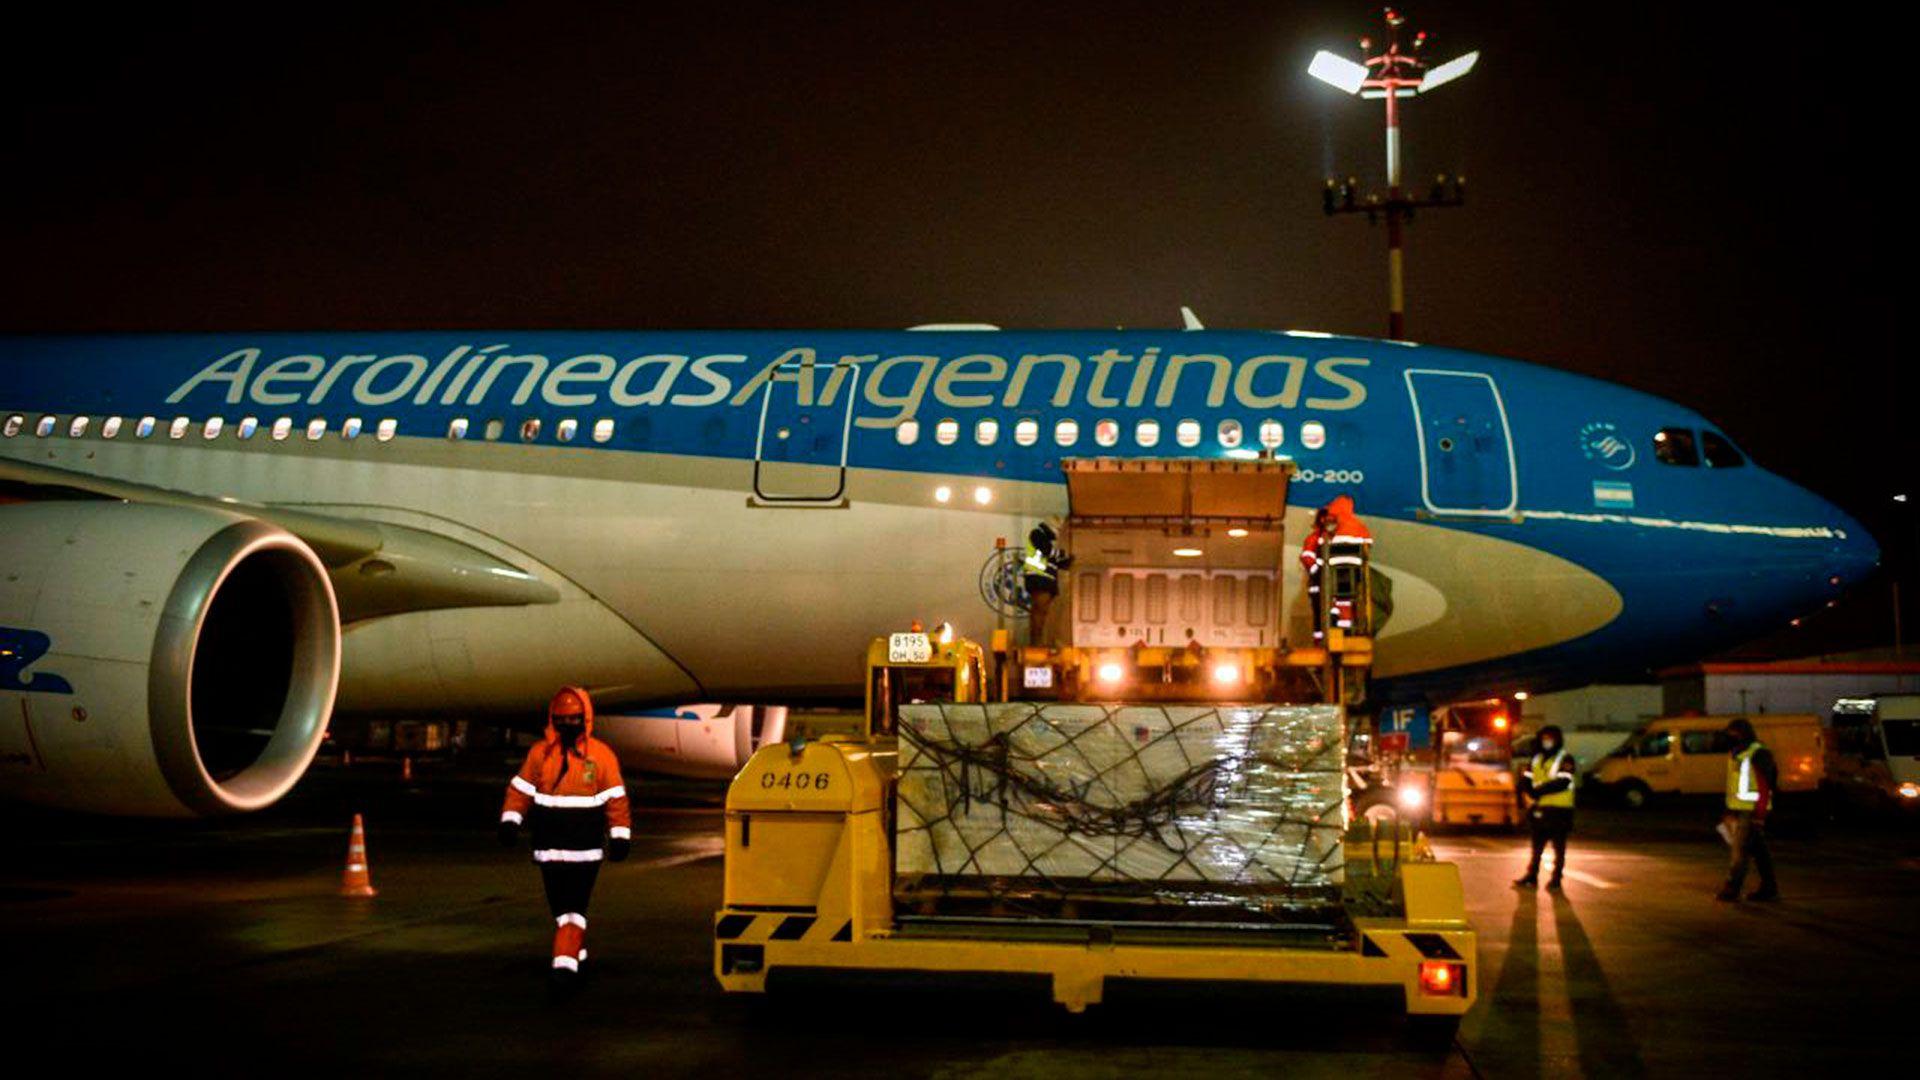 vacuna rusa moscú avion aerolíneas argentinas